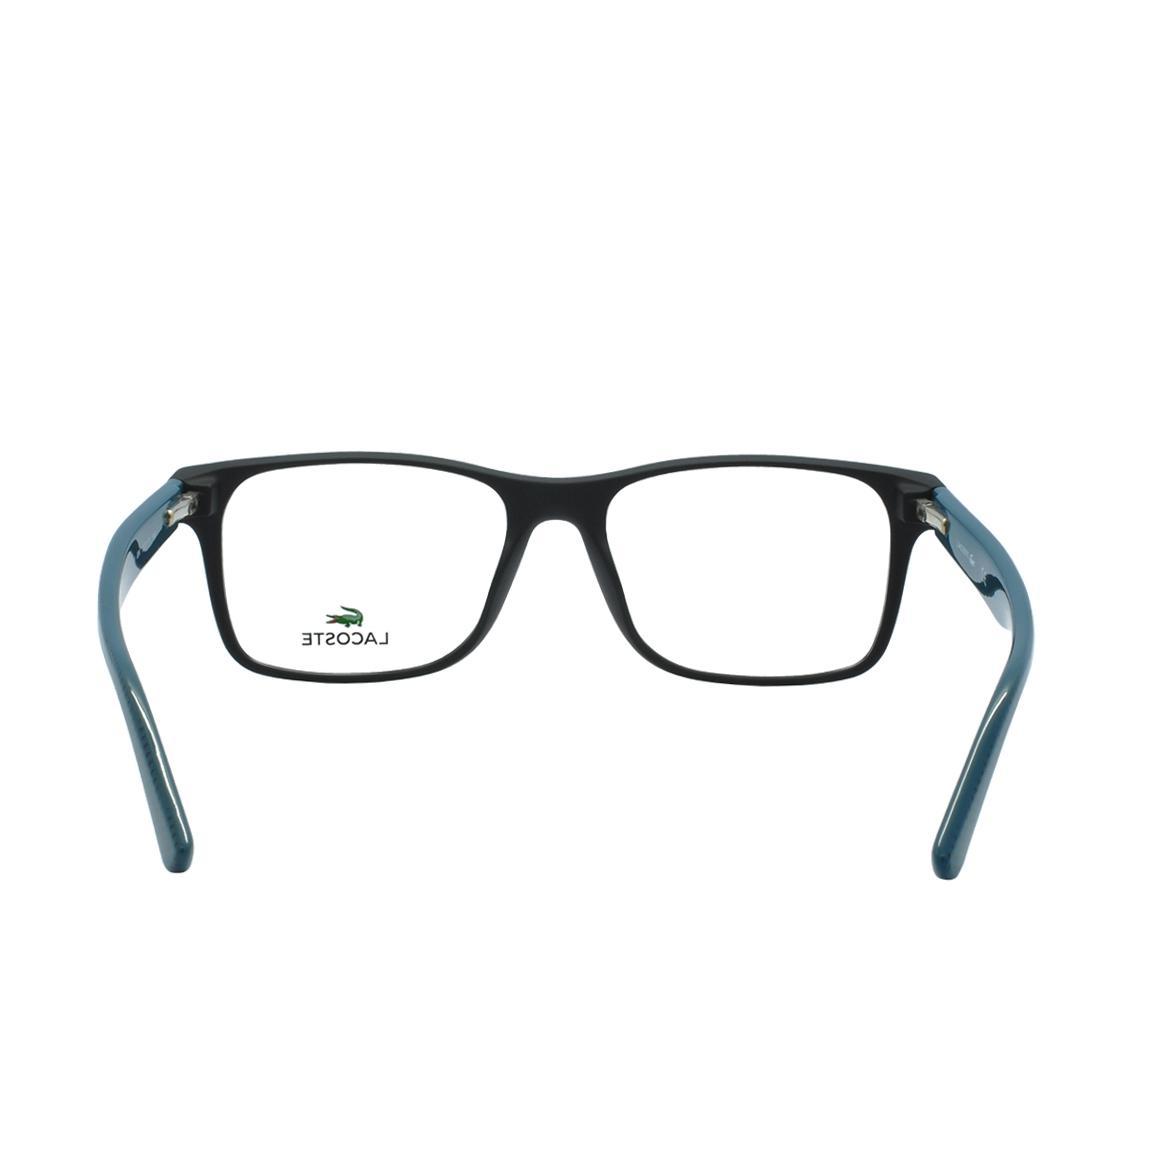 8f62cefbd6256 Óculos de Grau Lacoste Masculino L2741 004 - Acetato Preto e Verde R   569